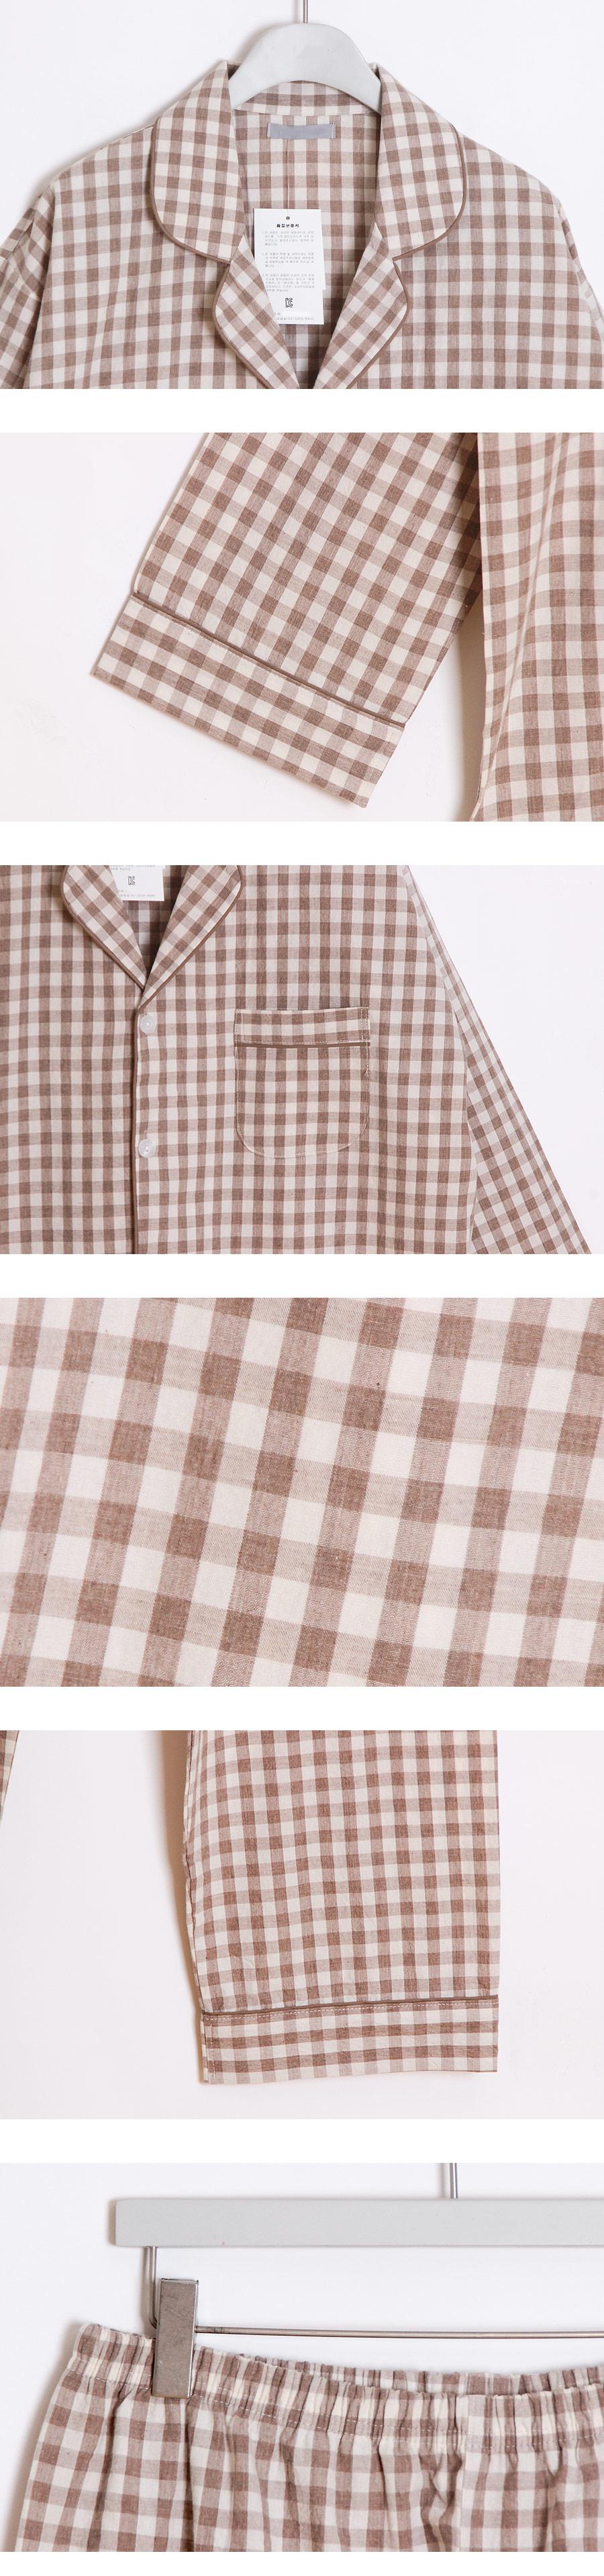 라운지체크 순면 신혼부부커플잠옷 - 바이메이비, 138,000원, 잠옷, 커플파자마